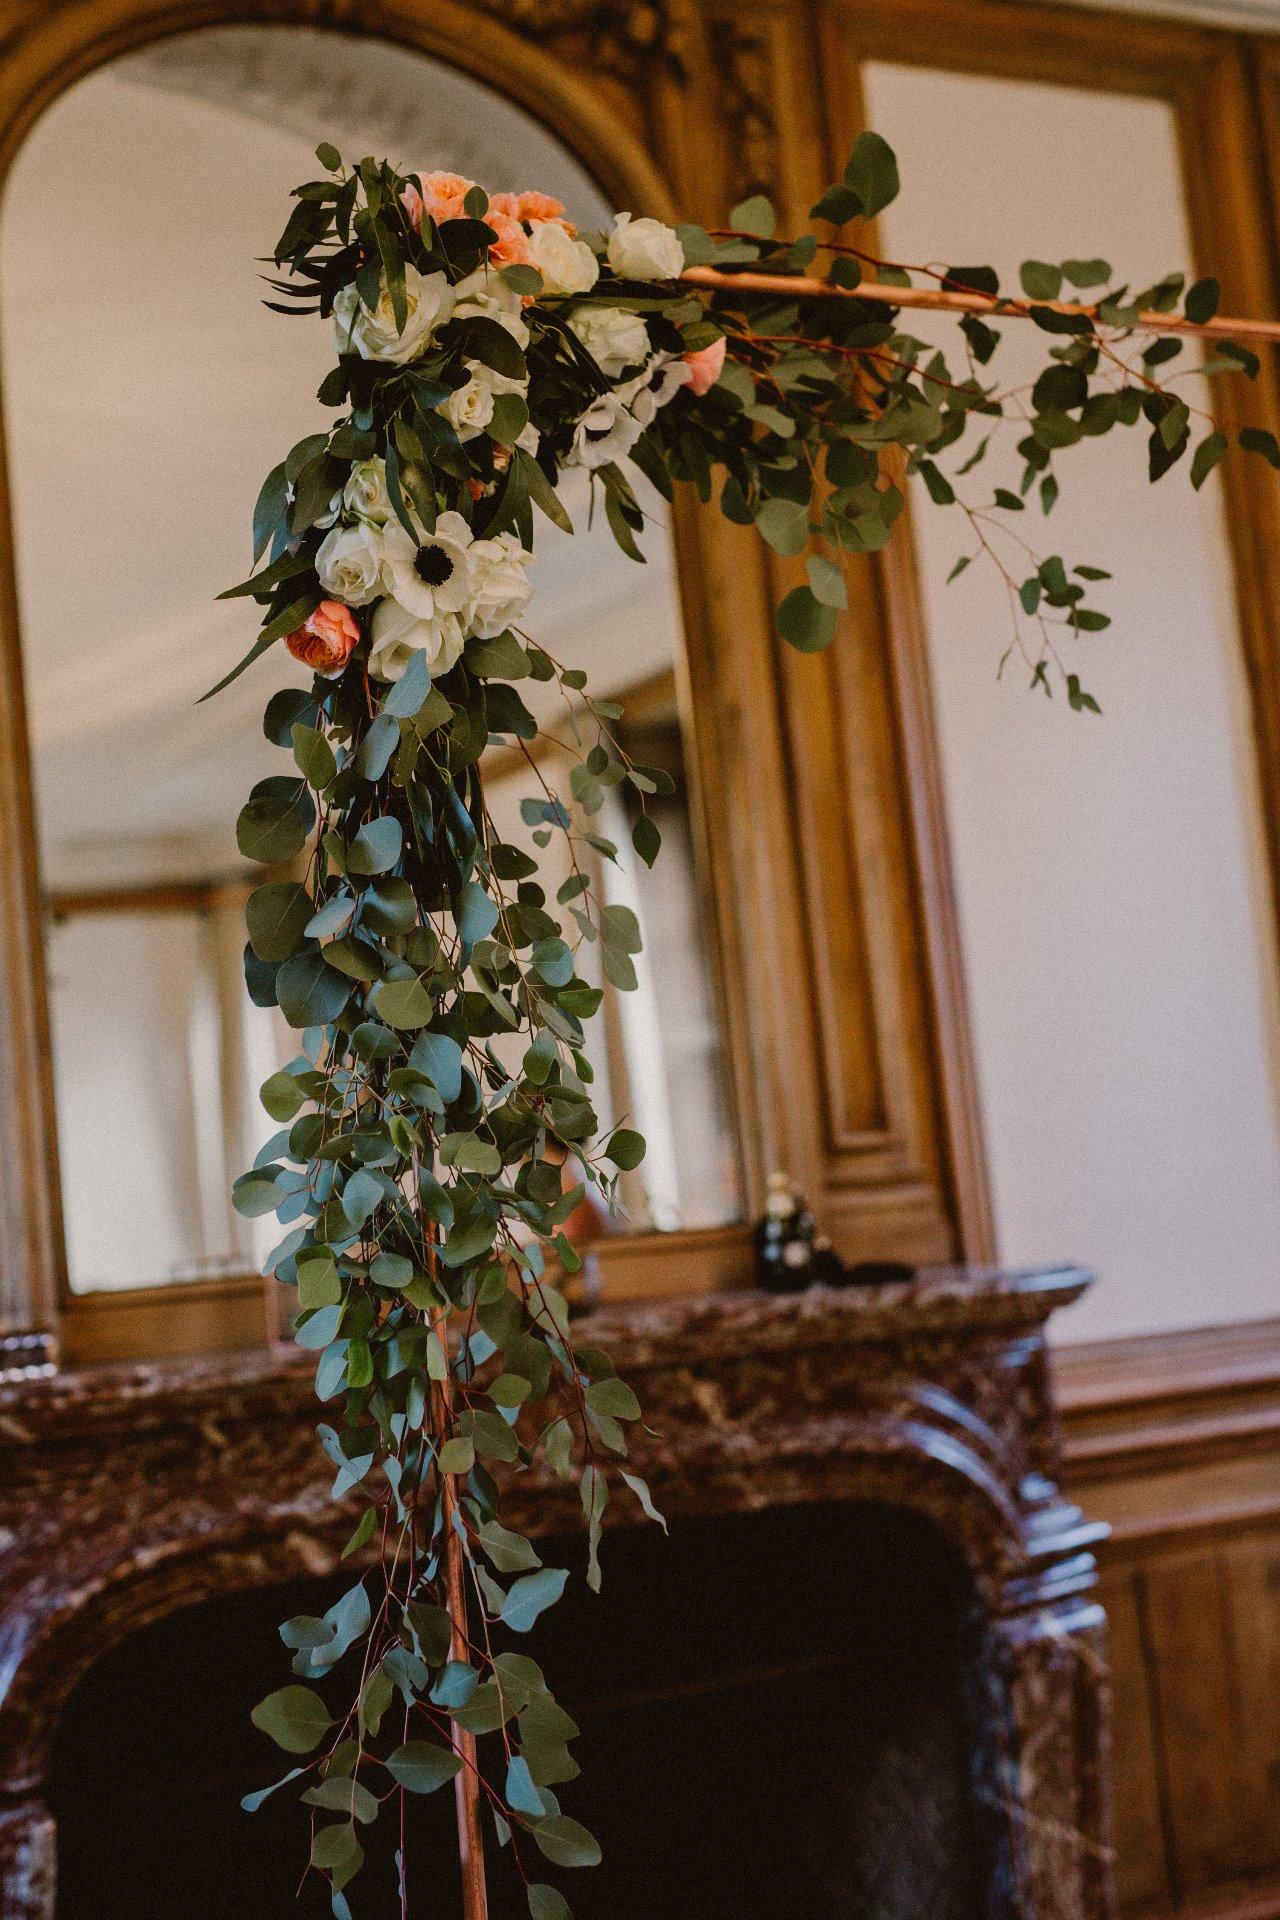 sterenn-officiante-ceremonie-laique-fleurissement arche-cuivre-217